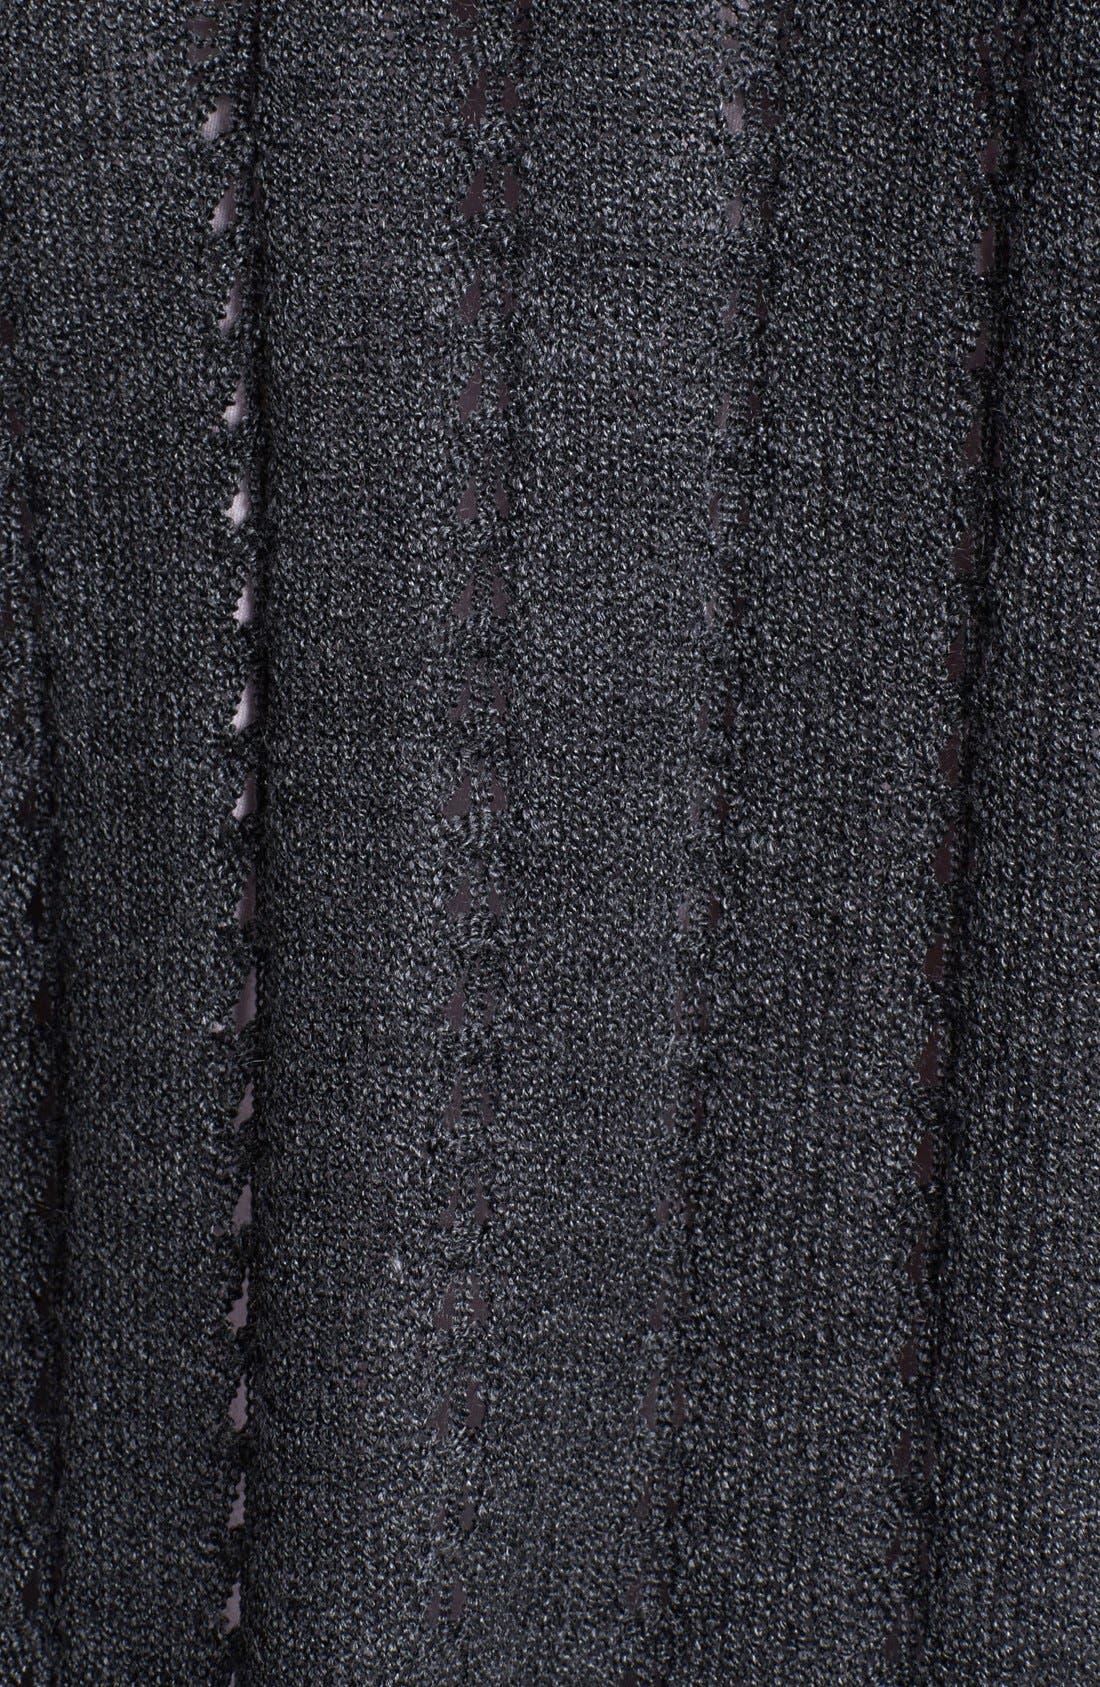 Alternate Image 3  - Cotton Emporium Pointelle Knit Cardigan (Juniors)